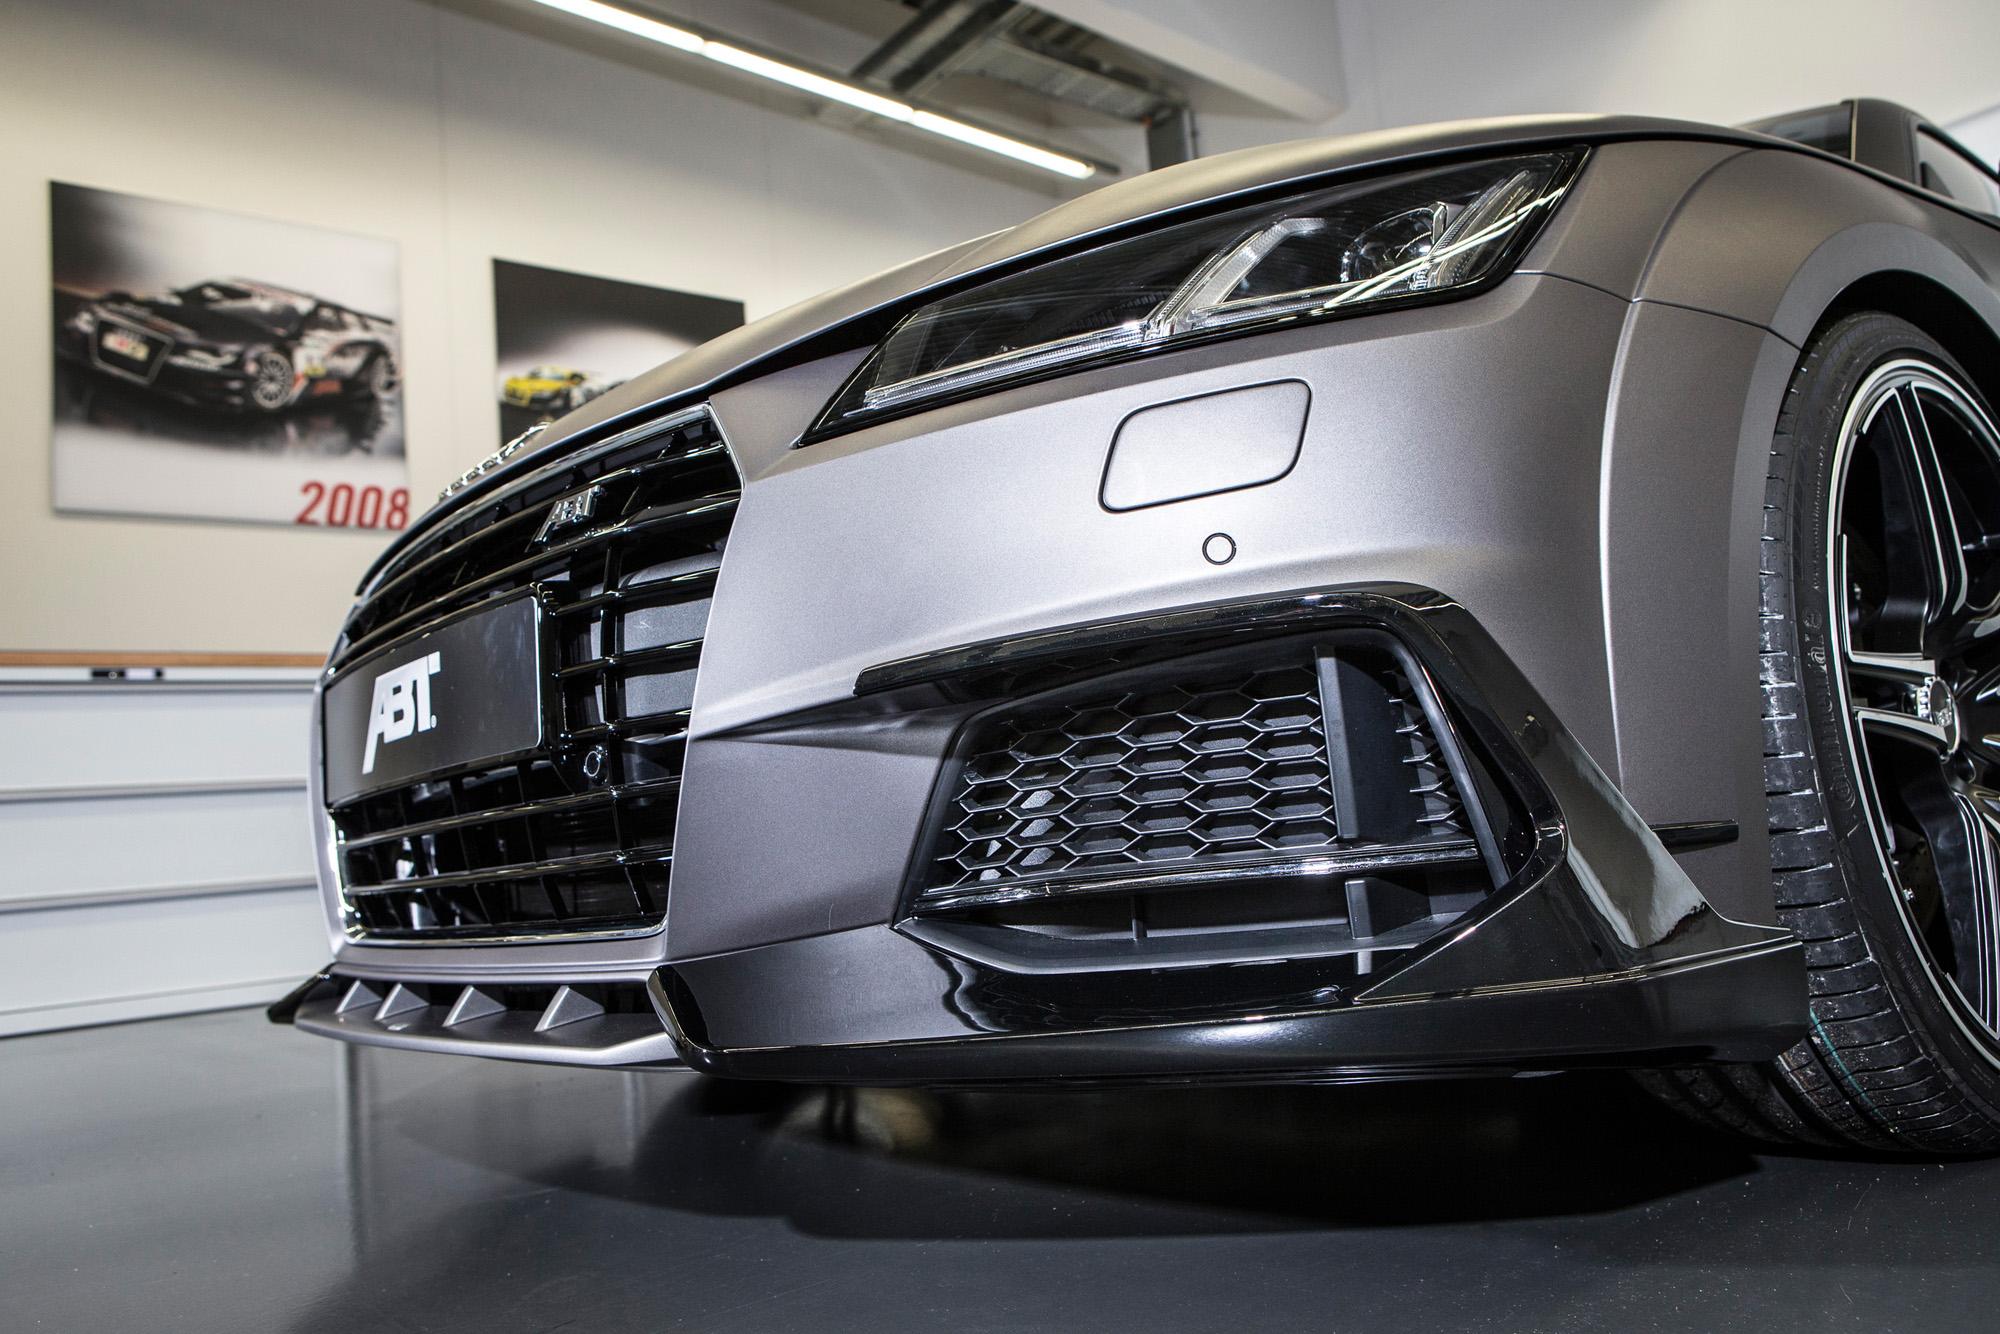 Markante Frontpartie: Der Aufsatz samt Spoilerlippe lässt den Audi TT aggressiver wirken.